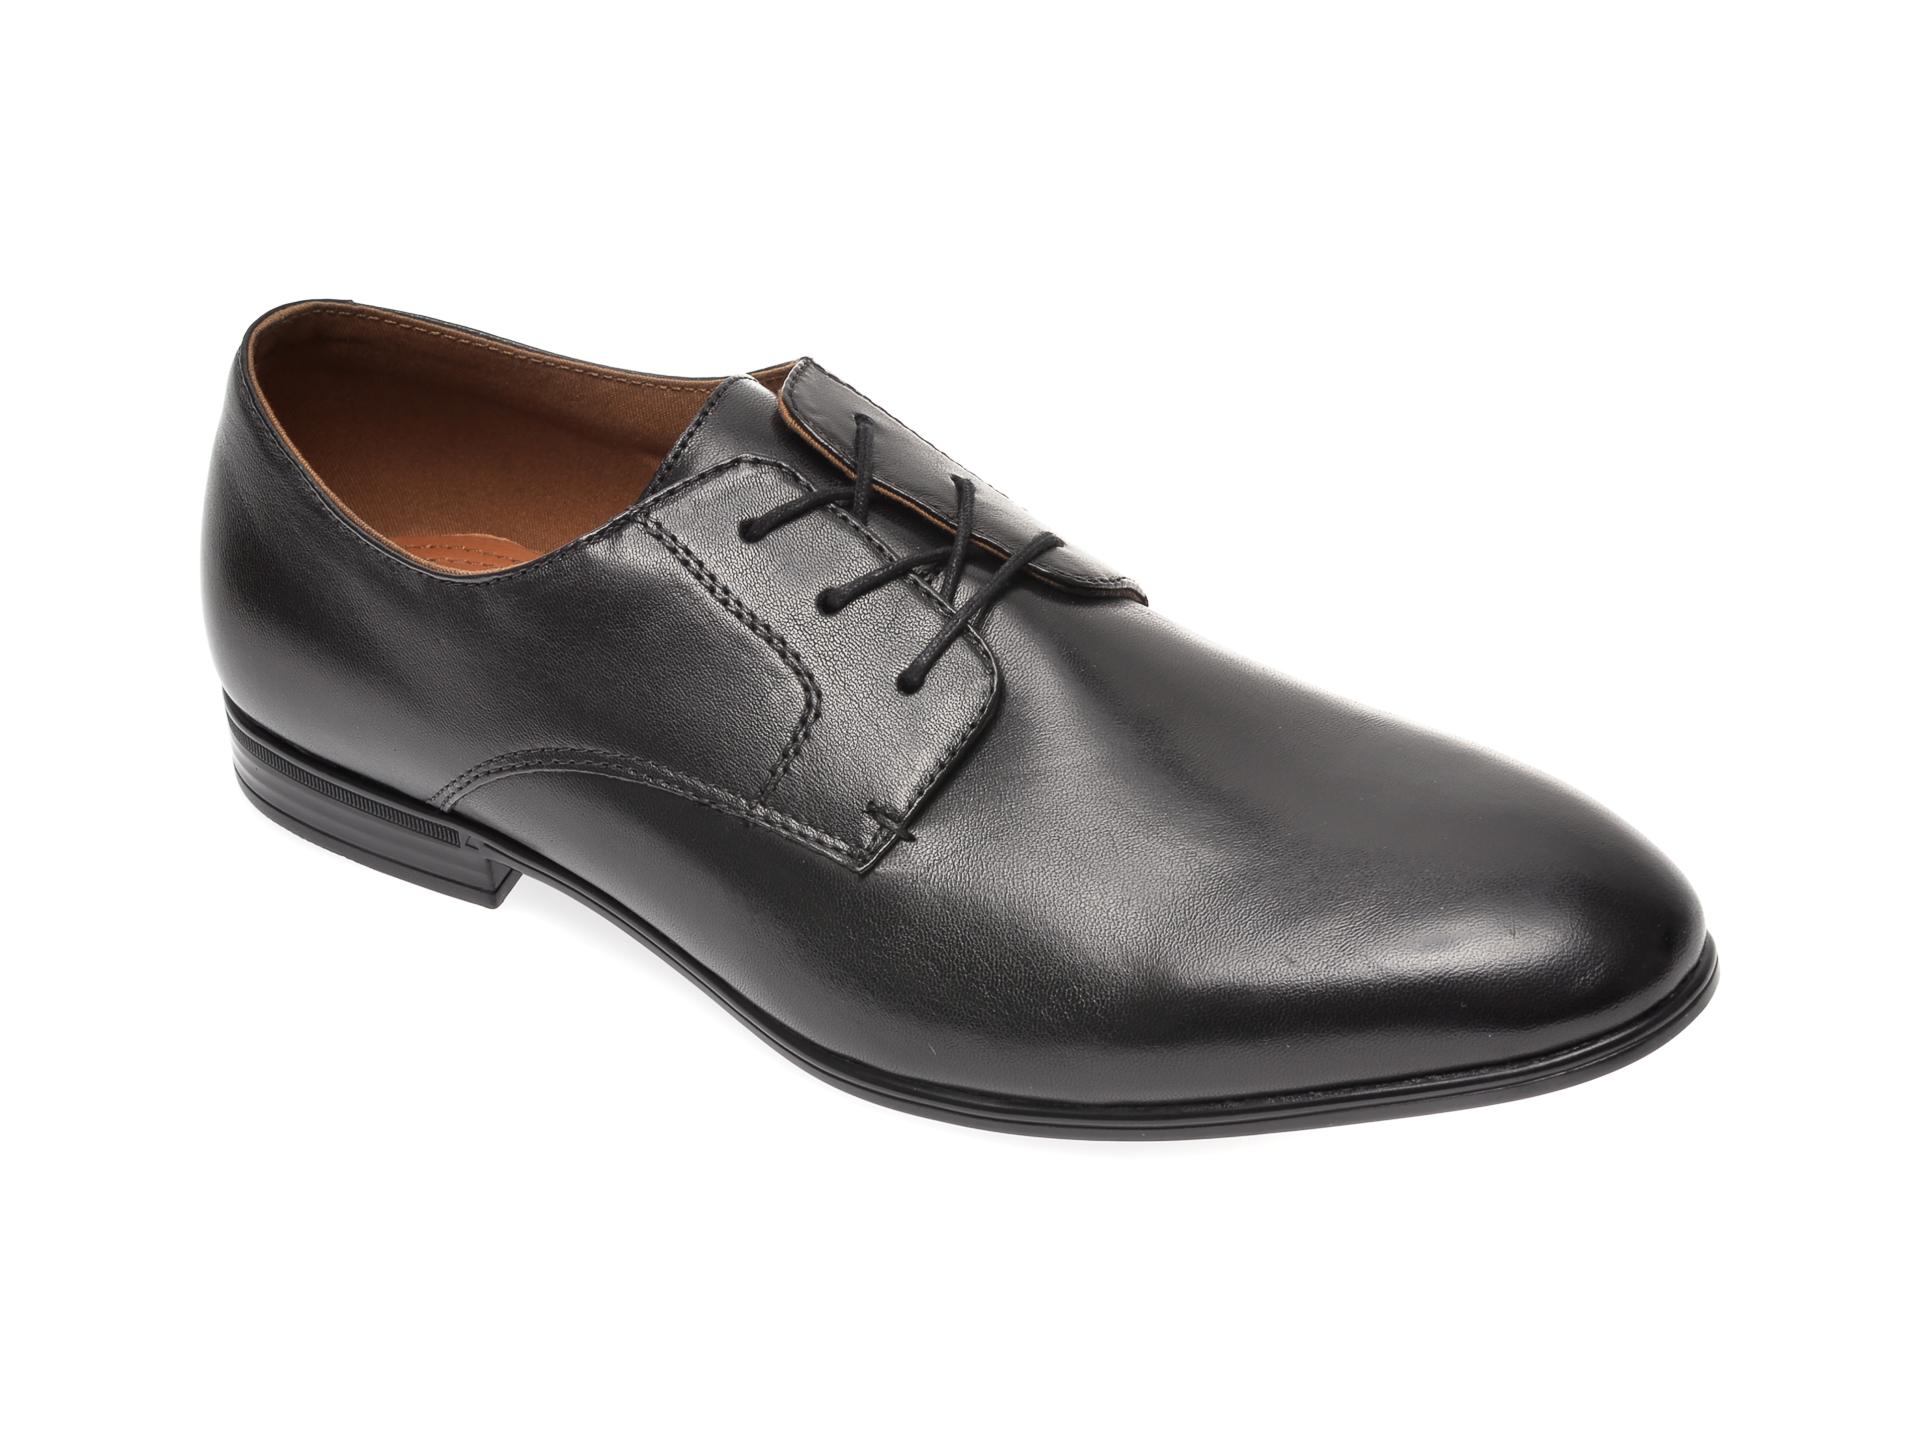 Pantofi Aldo Negri, Bansang001, Din Piele Naturala